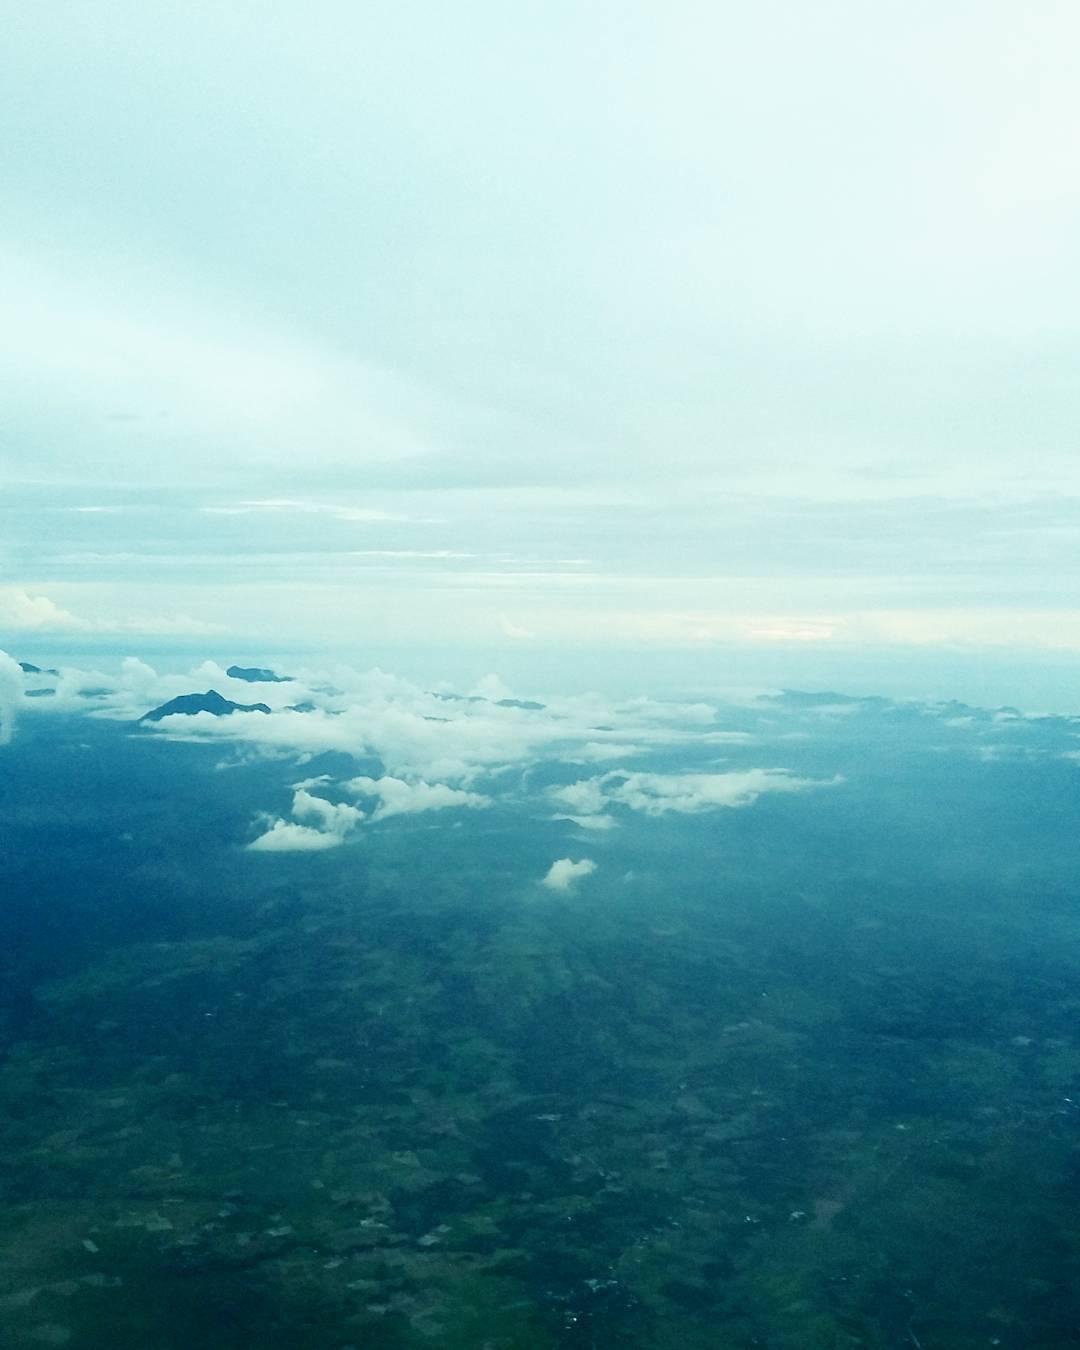 imagenes-aereas-de-la-naturaleza11